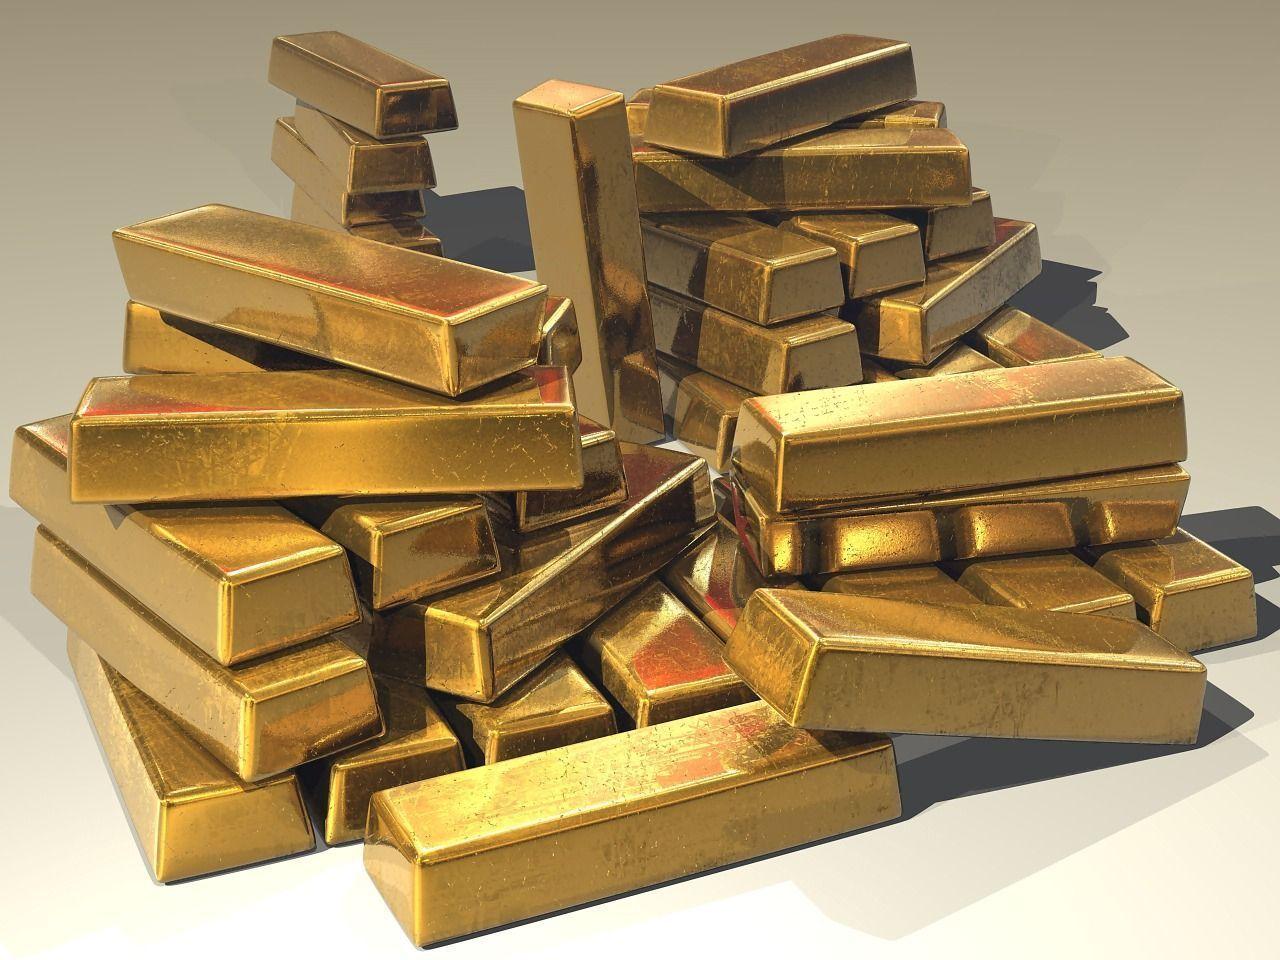 oro en Tasación Tabata Morgana